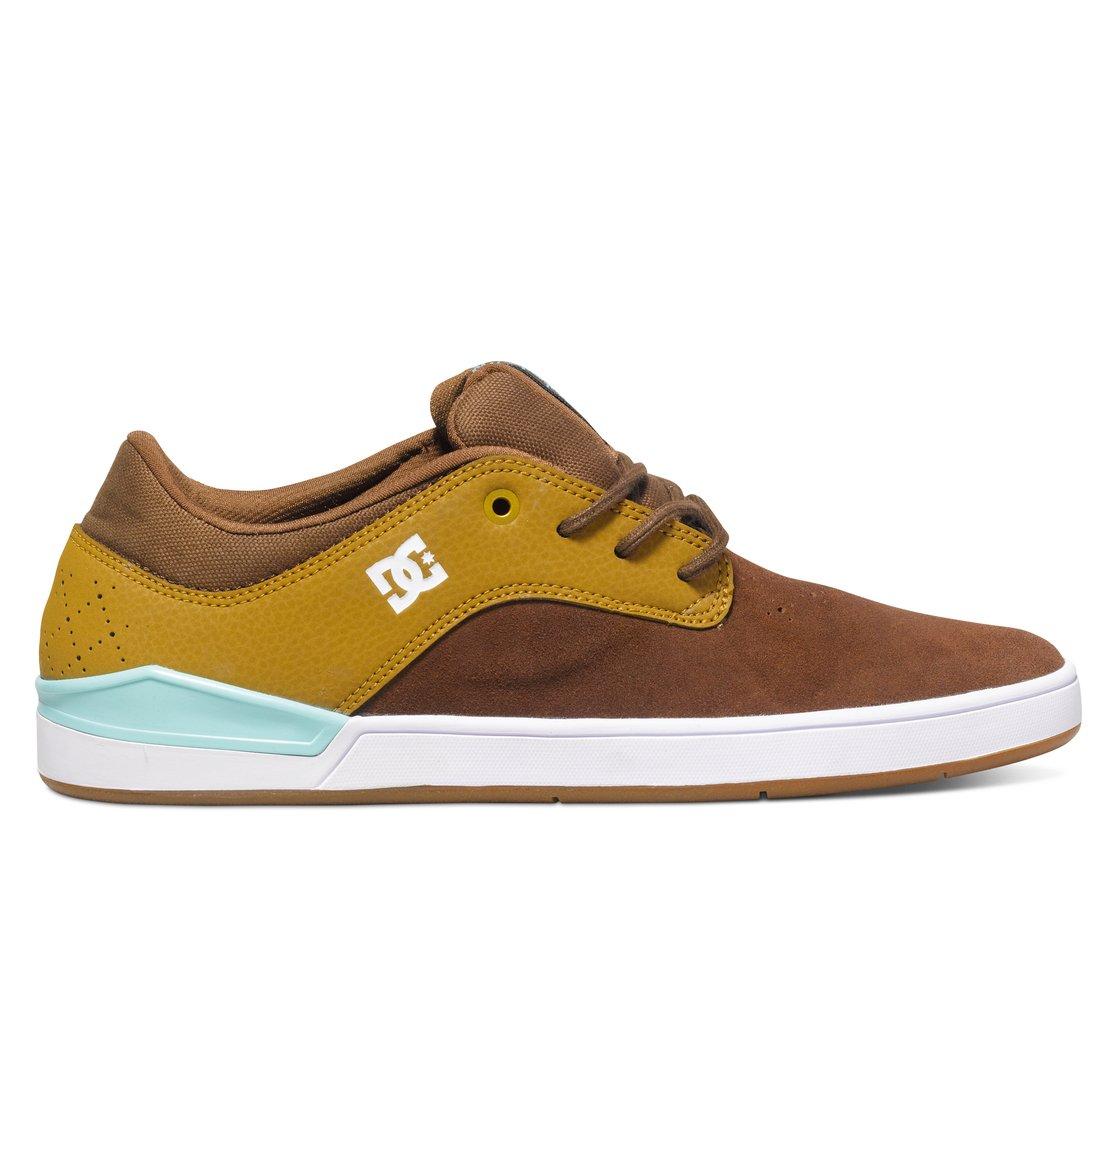 Mikey Taylor 2 S - DcshoesНизкие мужские кеды Mikey Taylor 2 S от DC Shoes.<br>ХАРАКТЕРИСТИКИ: новая авторская модель Майки Тэйлора, новый стабилизатор пятки, удобная межподошва UniLite™ с амортизирующими свойствами, простой дизайн, локальная перфорация, прочная замша Super Suede. <br>СОСТАВ: ВЕРХ: кожа / ПОДКЛАДКА: текстиль / ПОДОШВА: каучук.<br>